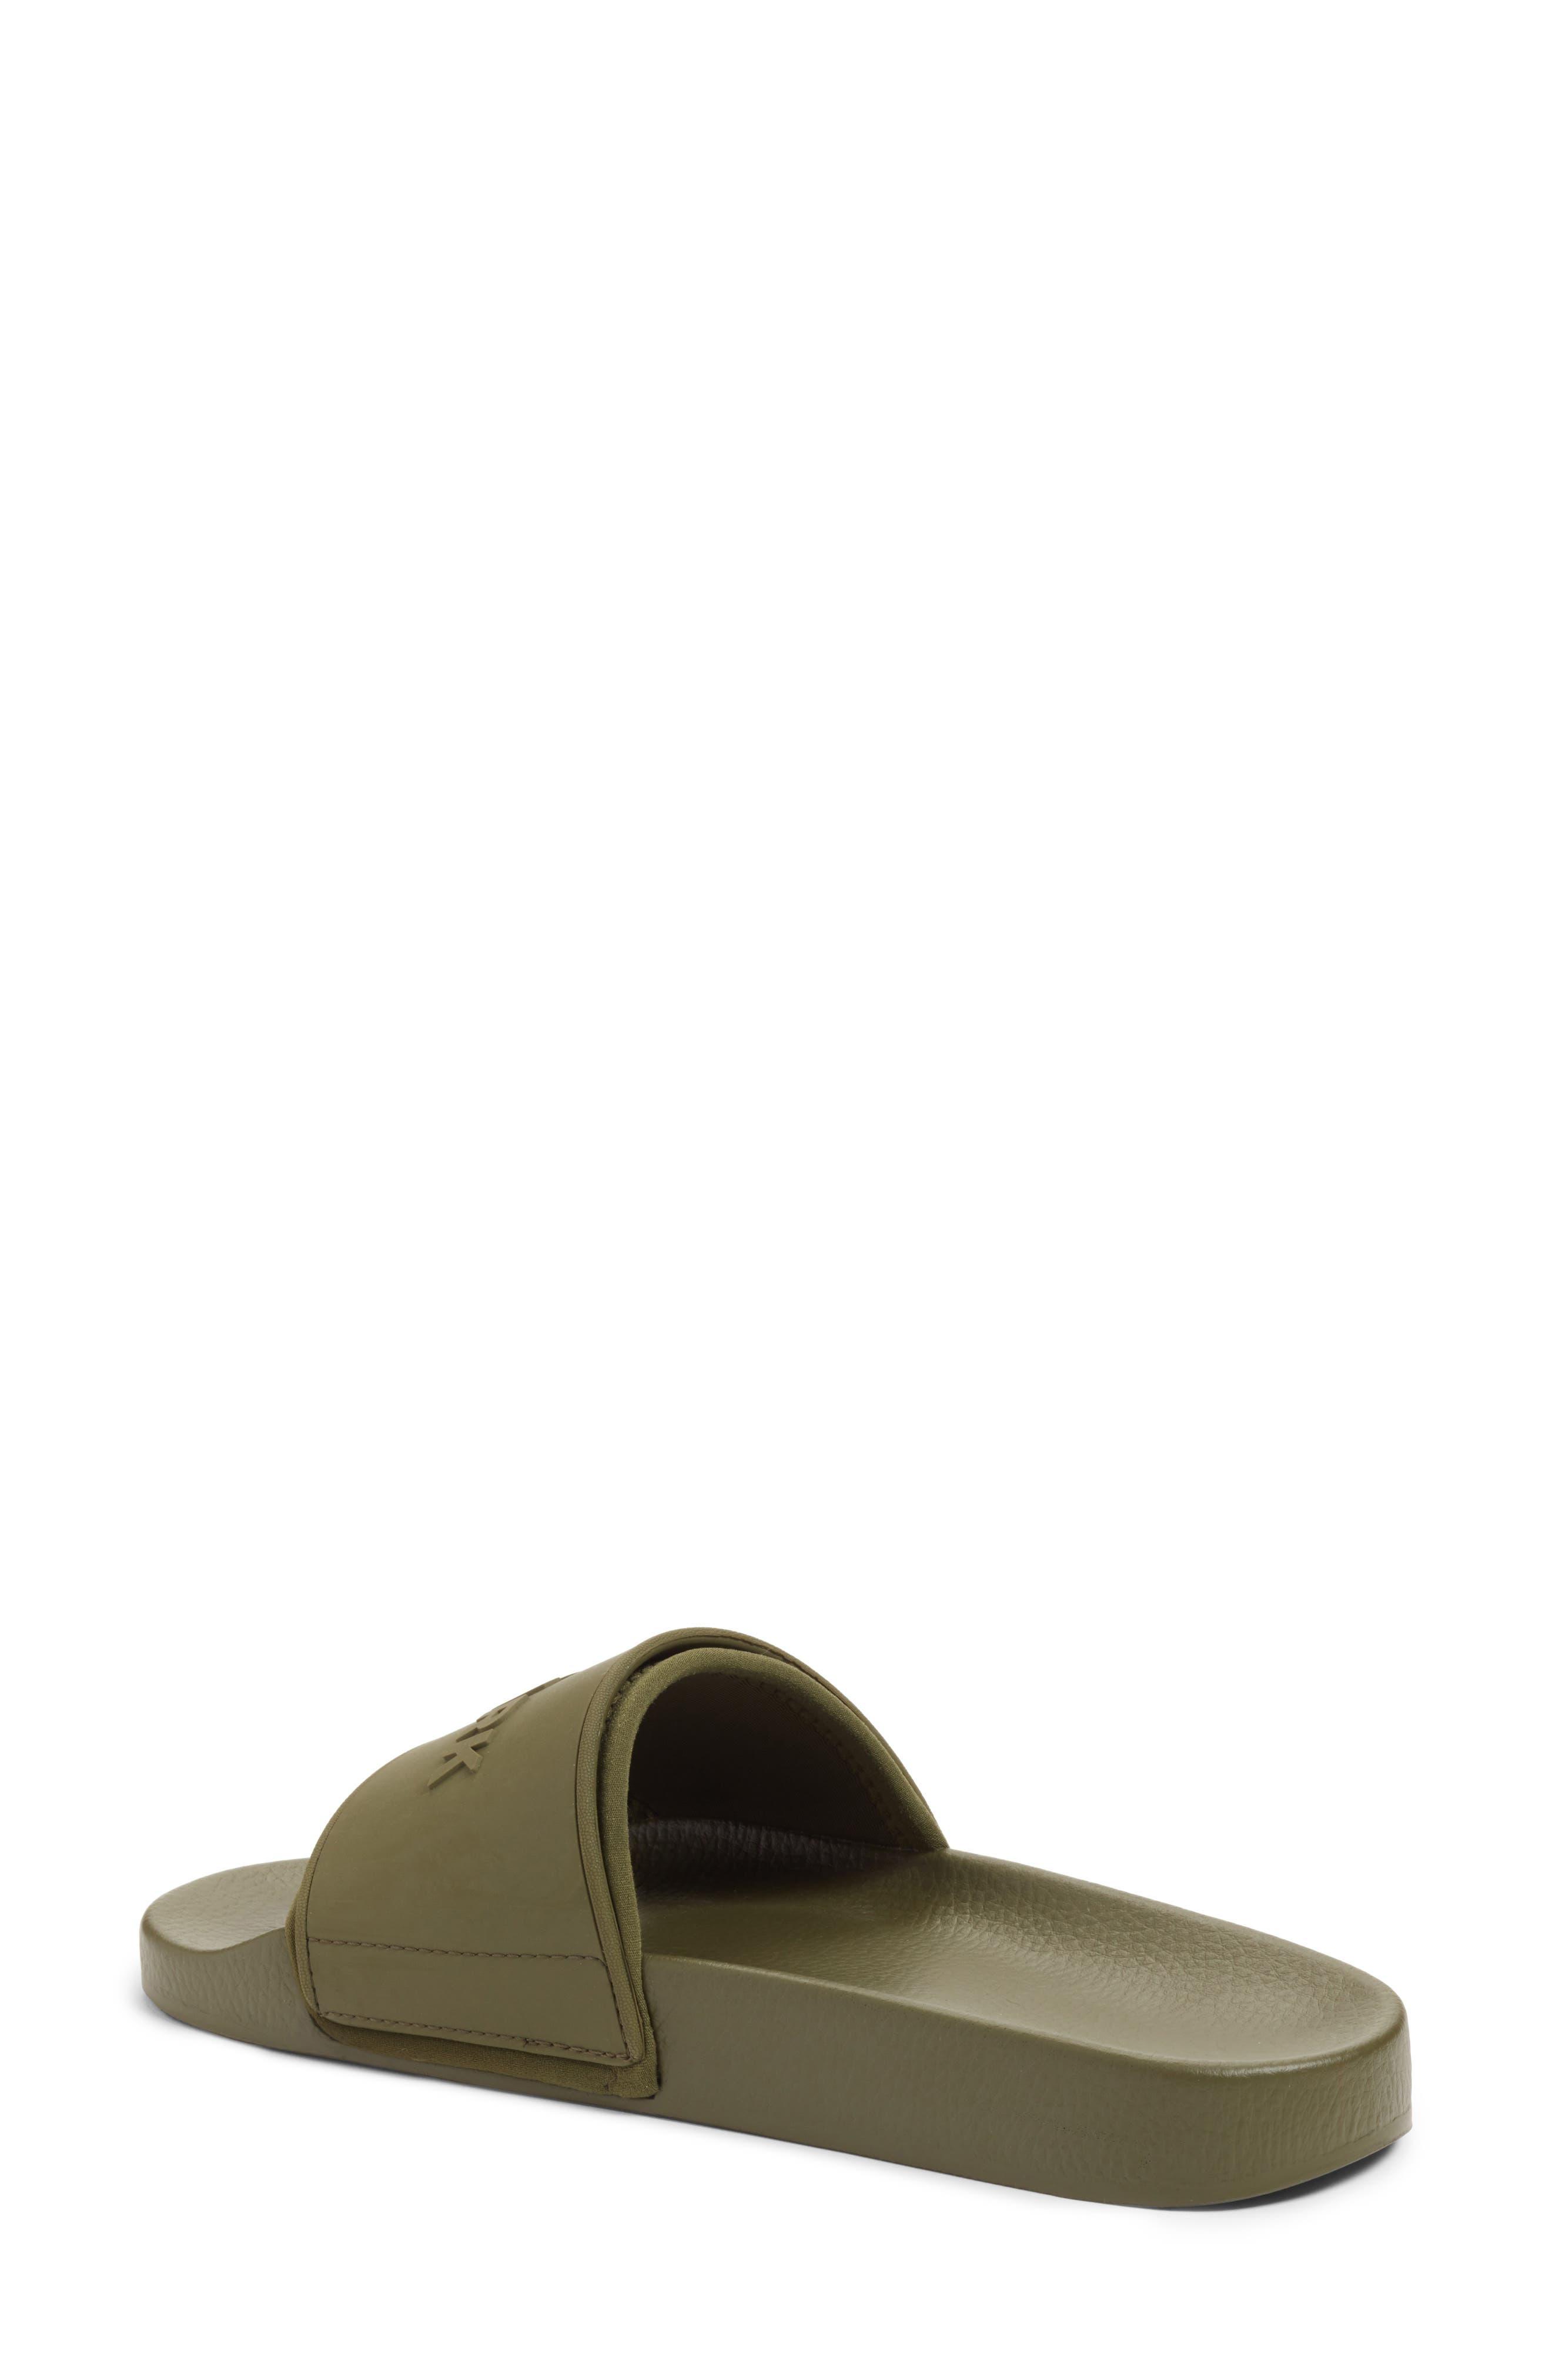 Alternate Image 2  - IVY PARK® Embossed Logo Sock Slide Sandal (Women)